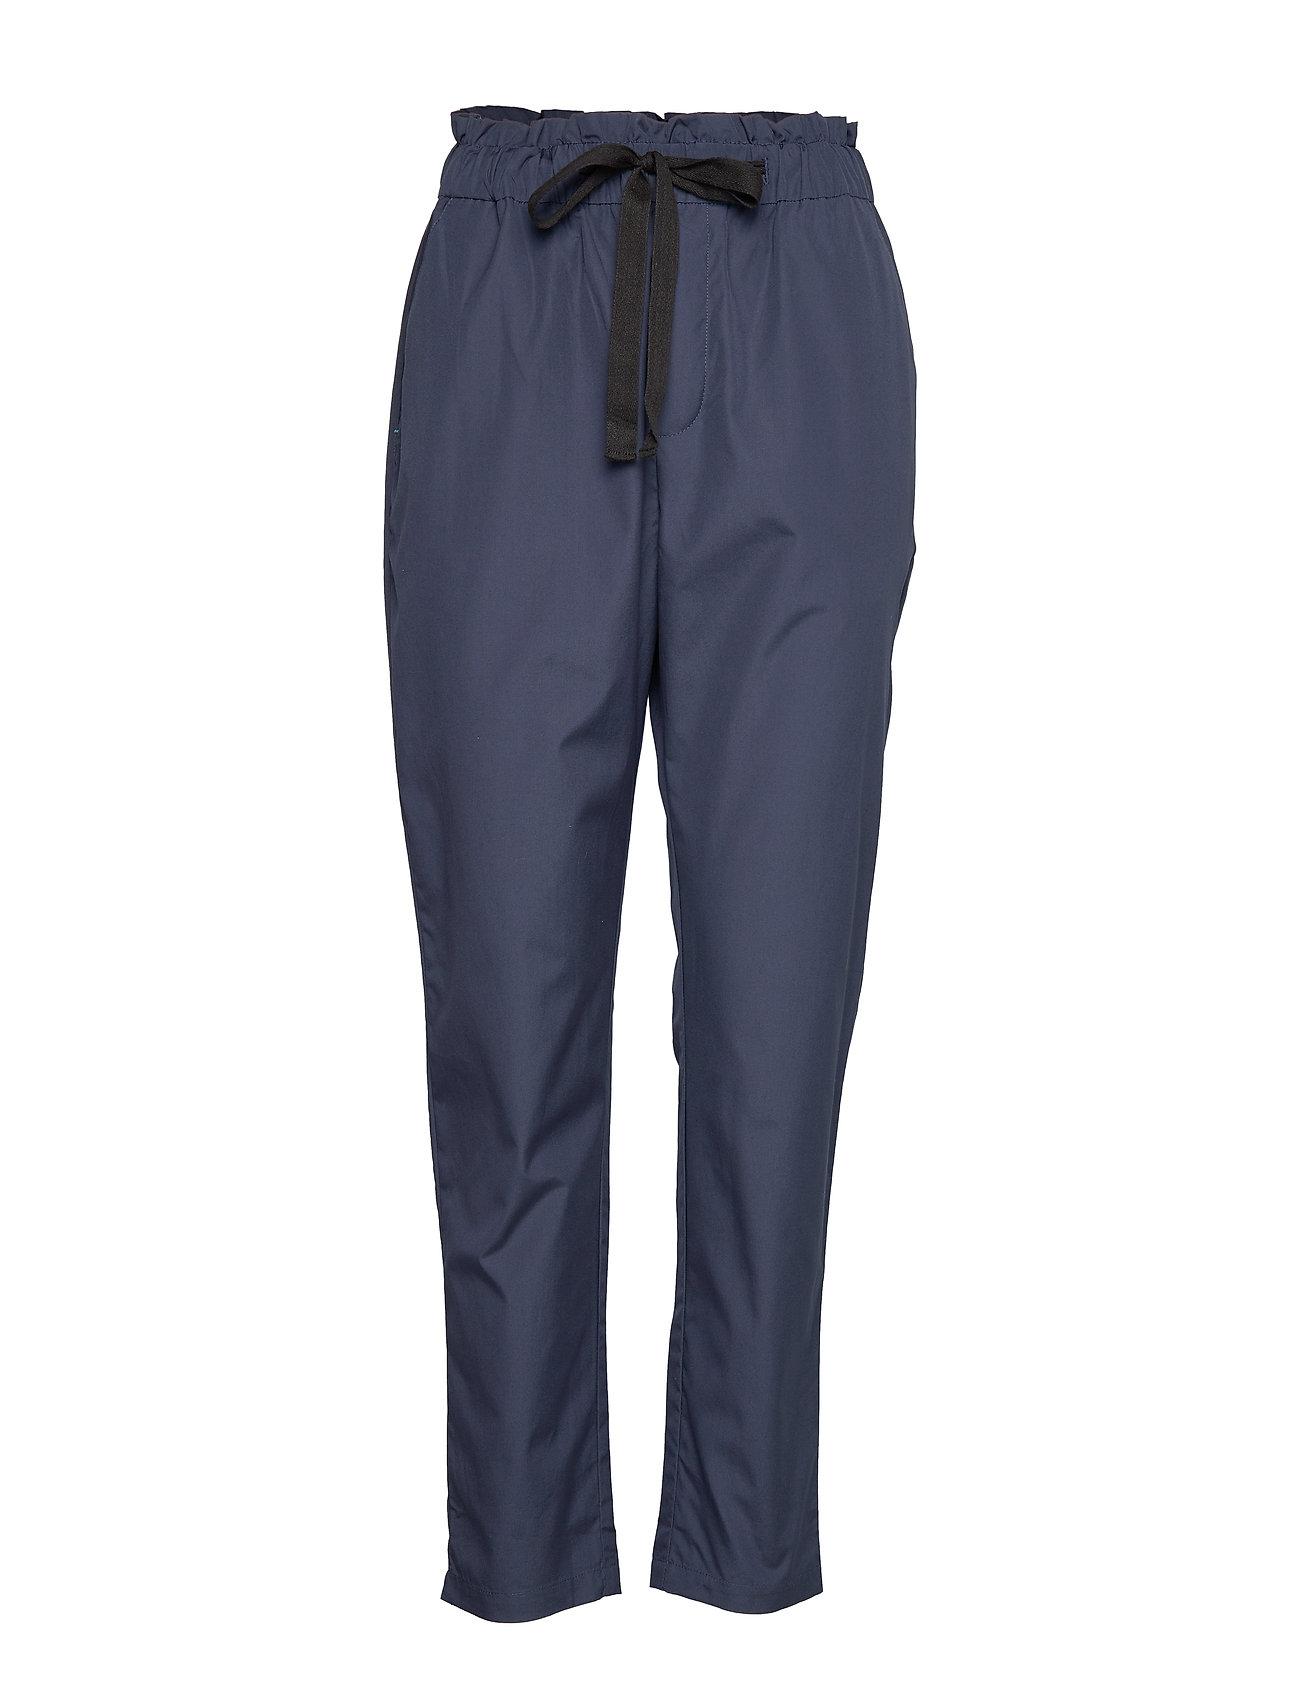 Noa Noa Trousers - DRESS BLUES